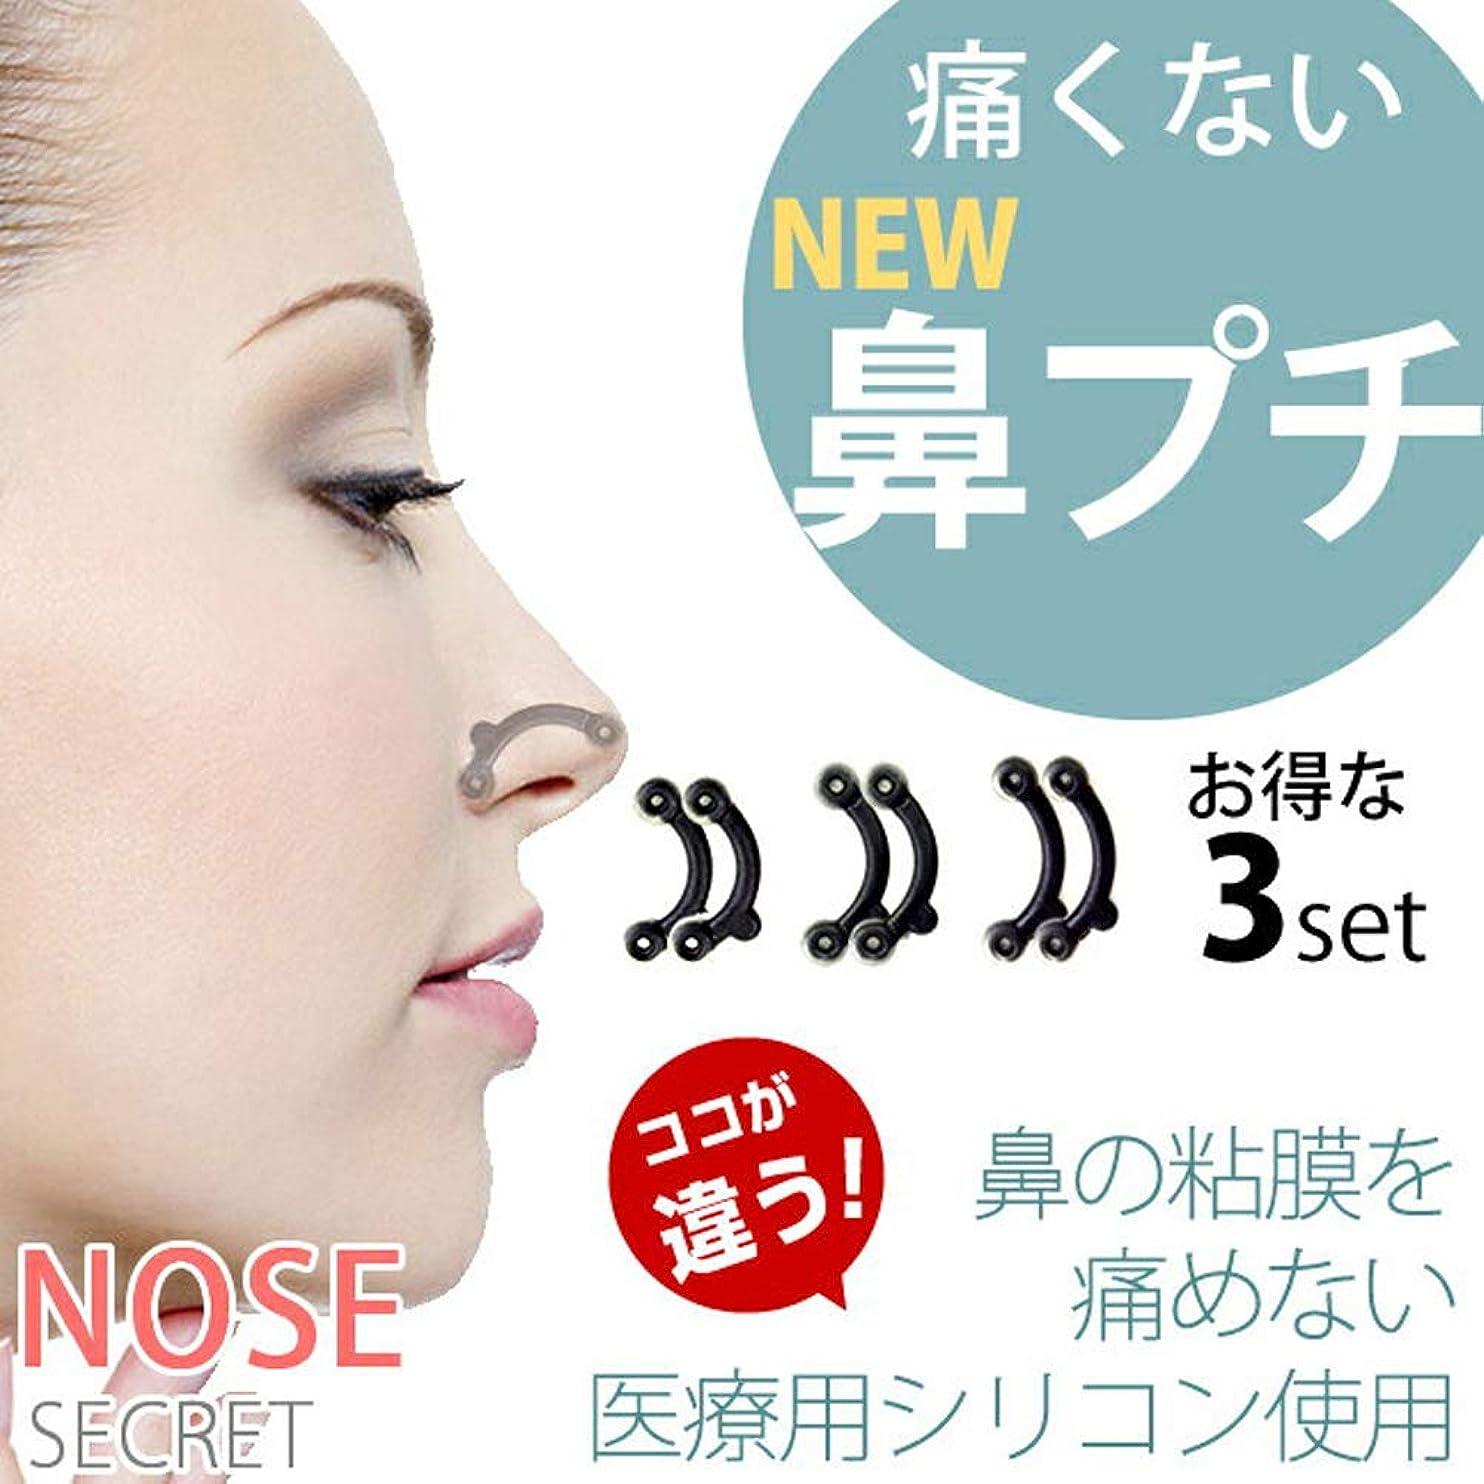 王室流暢シロクマ鼻プチ 柔軟性高く Viconaビューティー正規品 ハナのアイプチ 矯正プチ 整形せず 23mm/24.5mm/26mm全3サイズセット